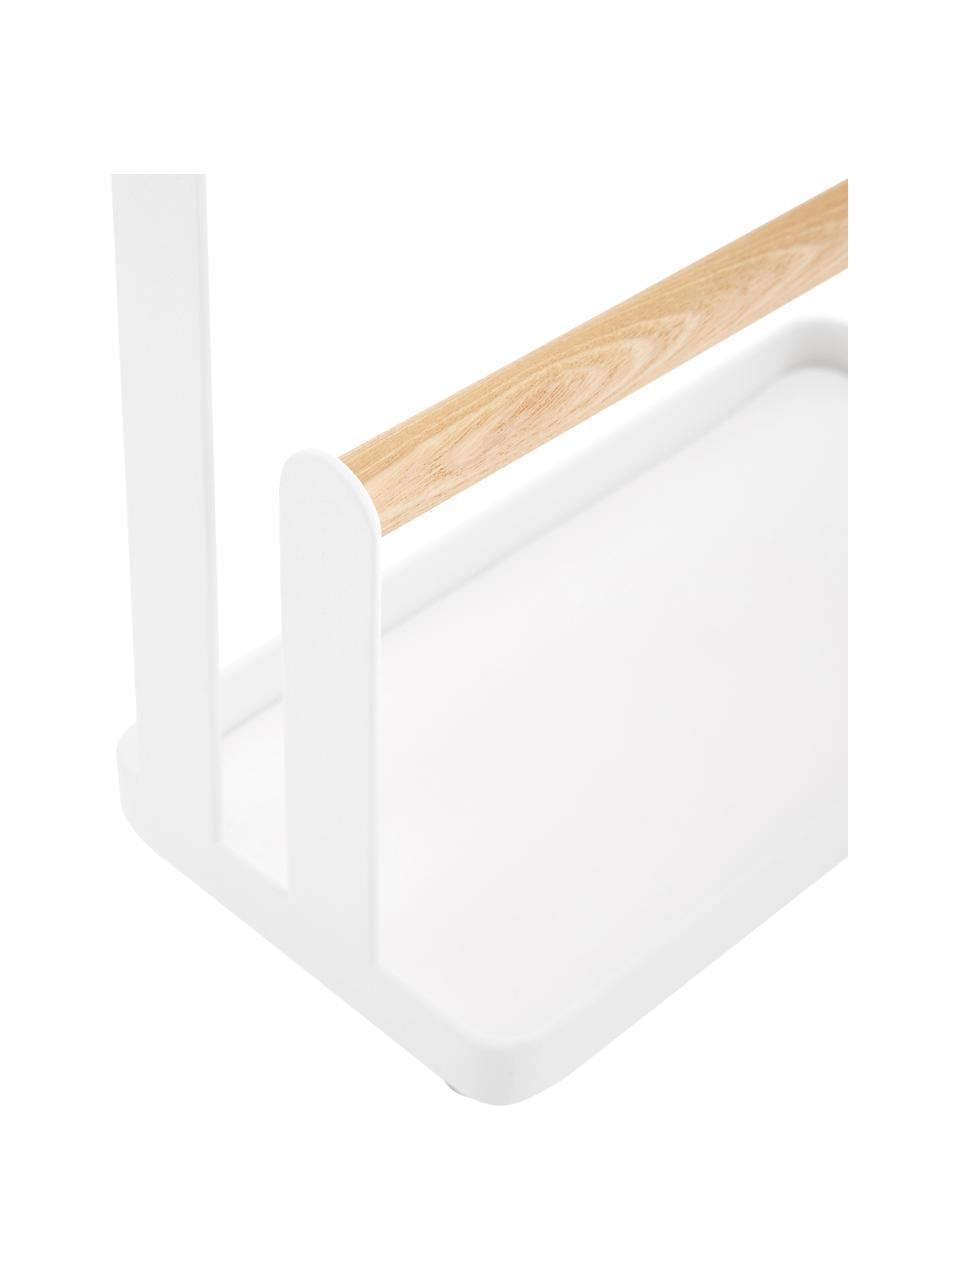 Sieradenhouder Tosca, Stang: hout, Wit, bruin, 20 x 29 cm